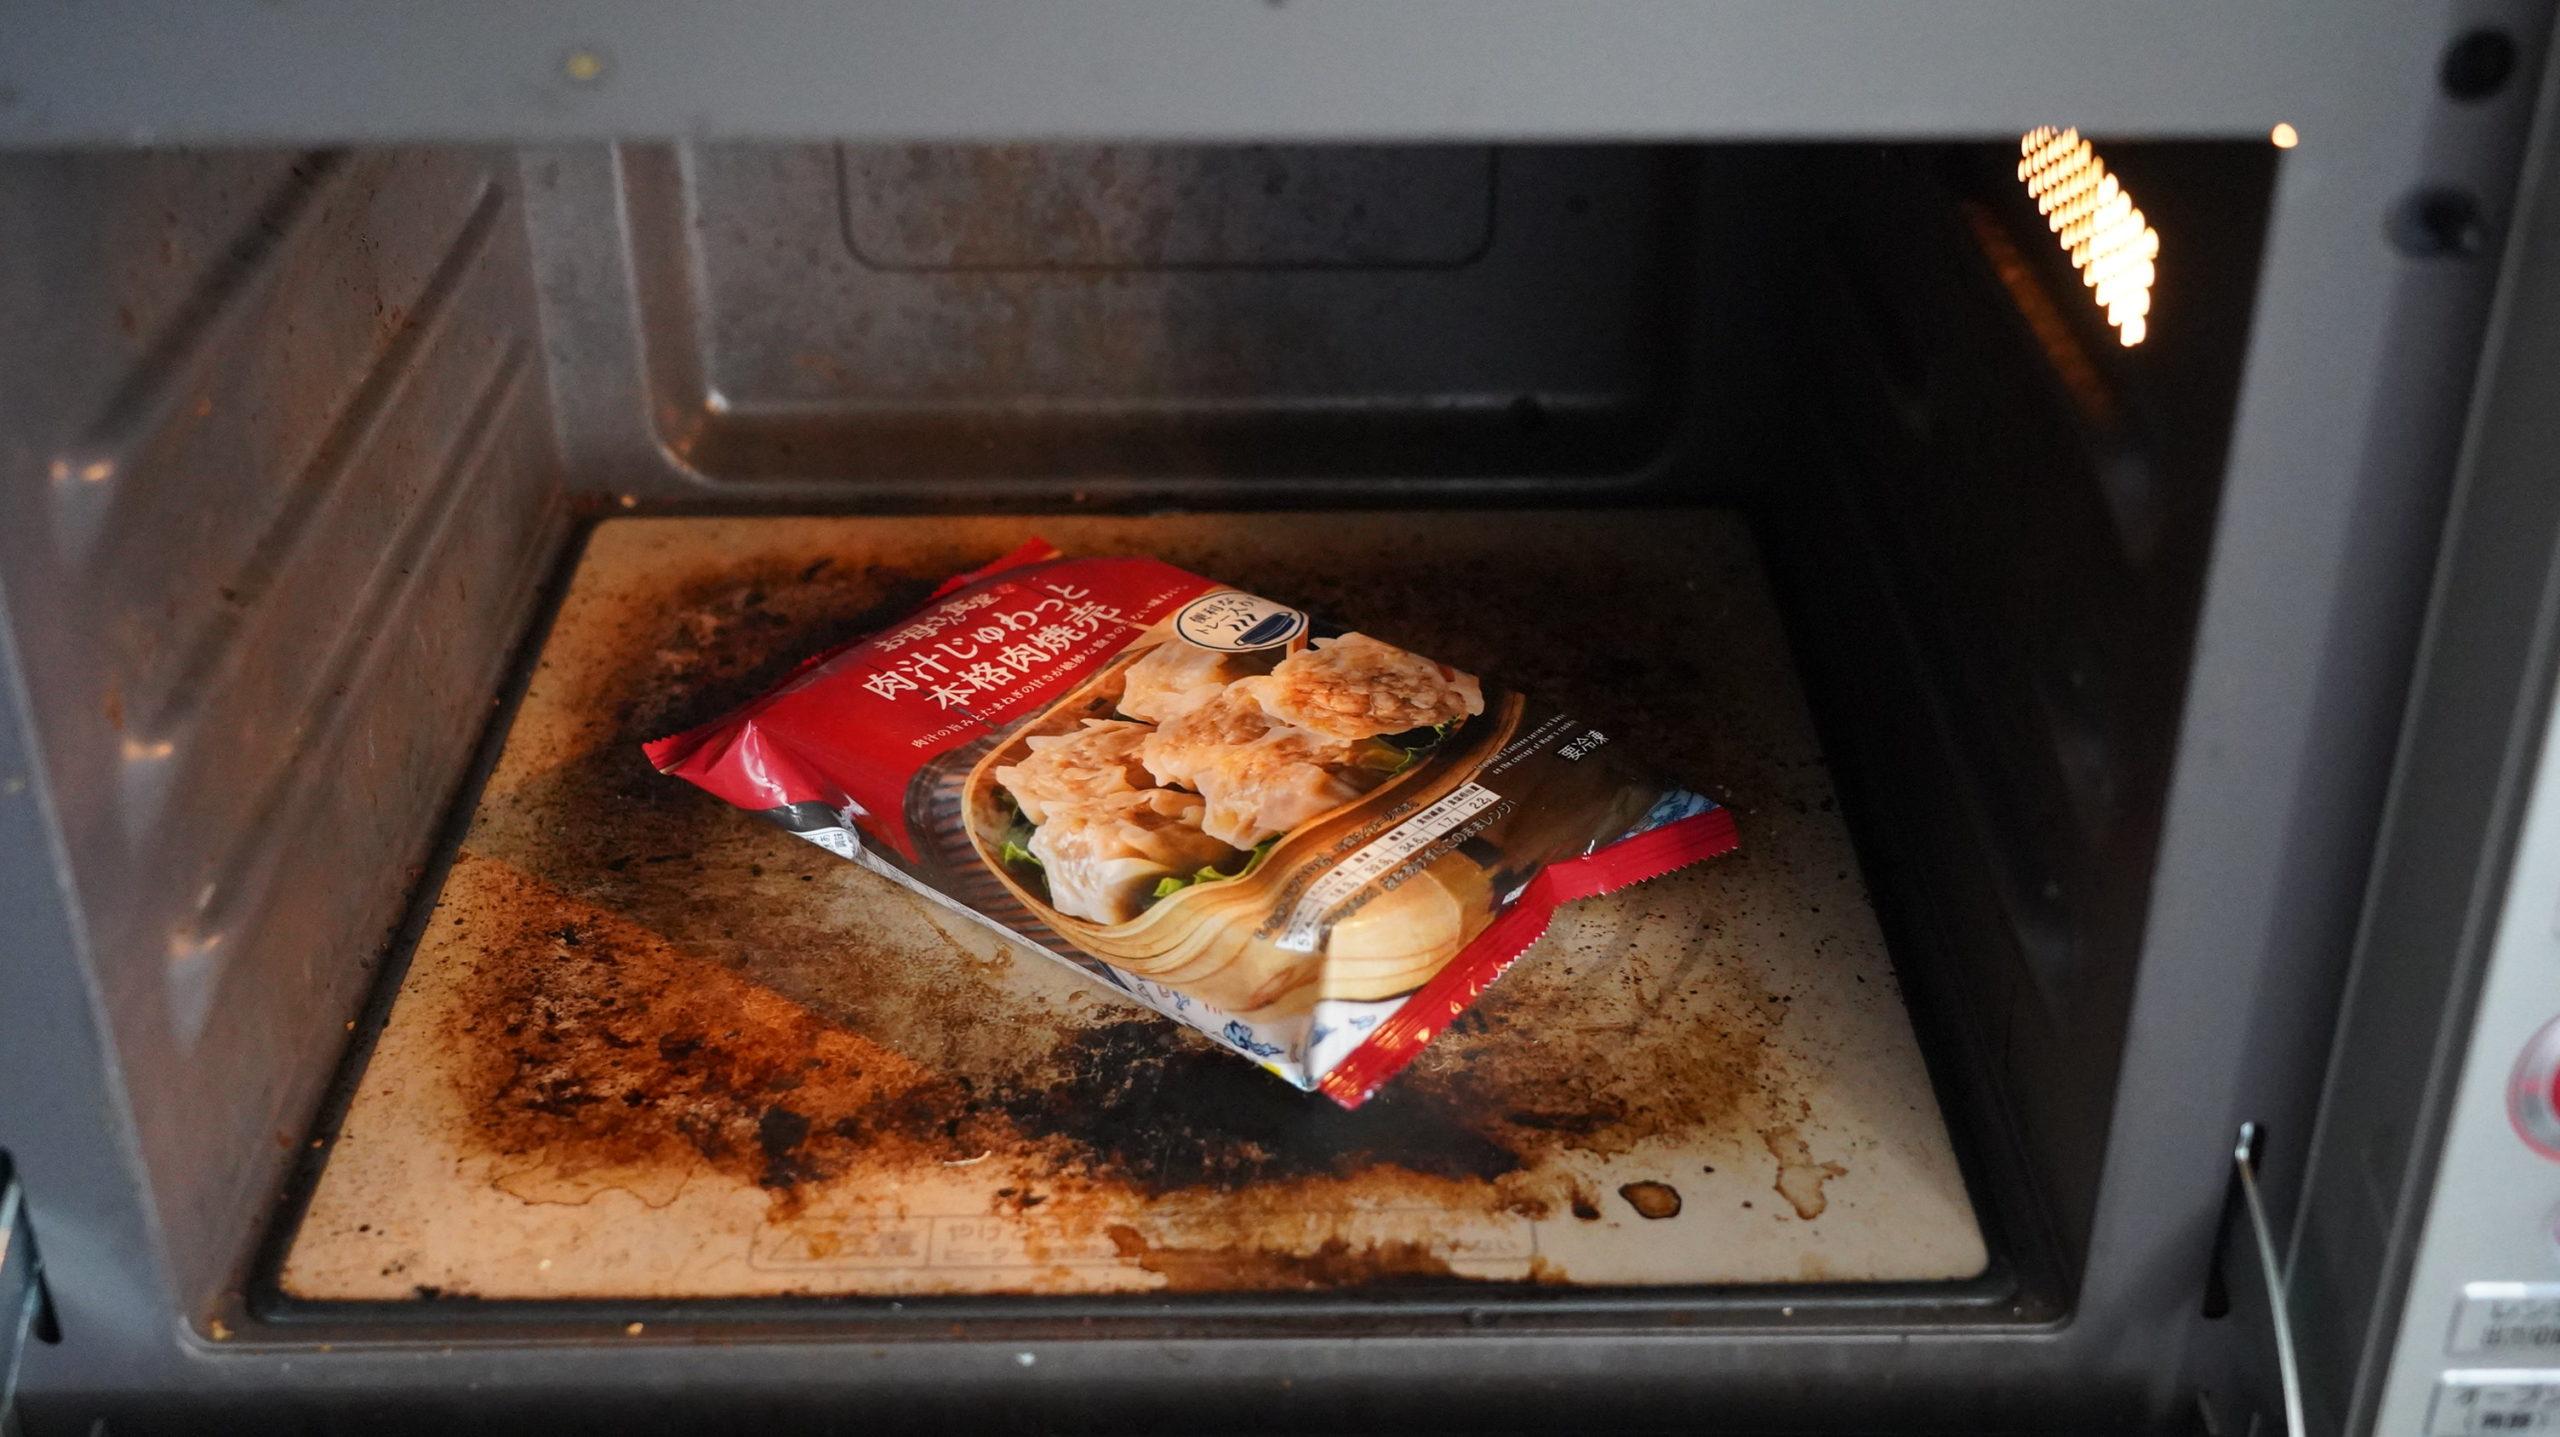 ファミリーマートの冷凍食品「肉汁じゅわっと本格肉焼売」を電子レンジで加熱している写真